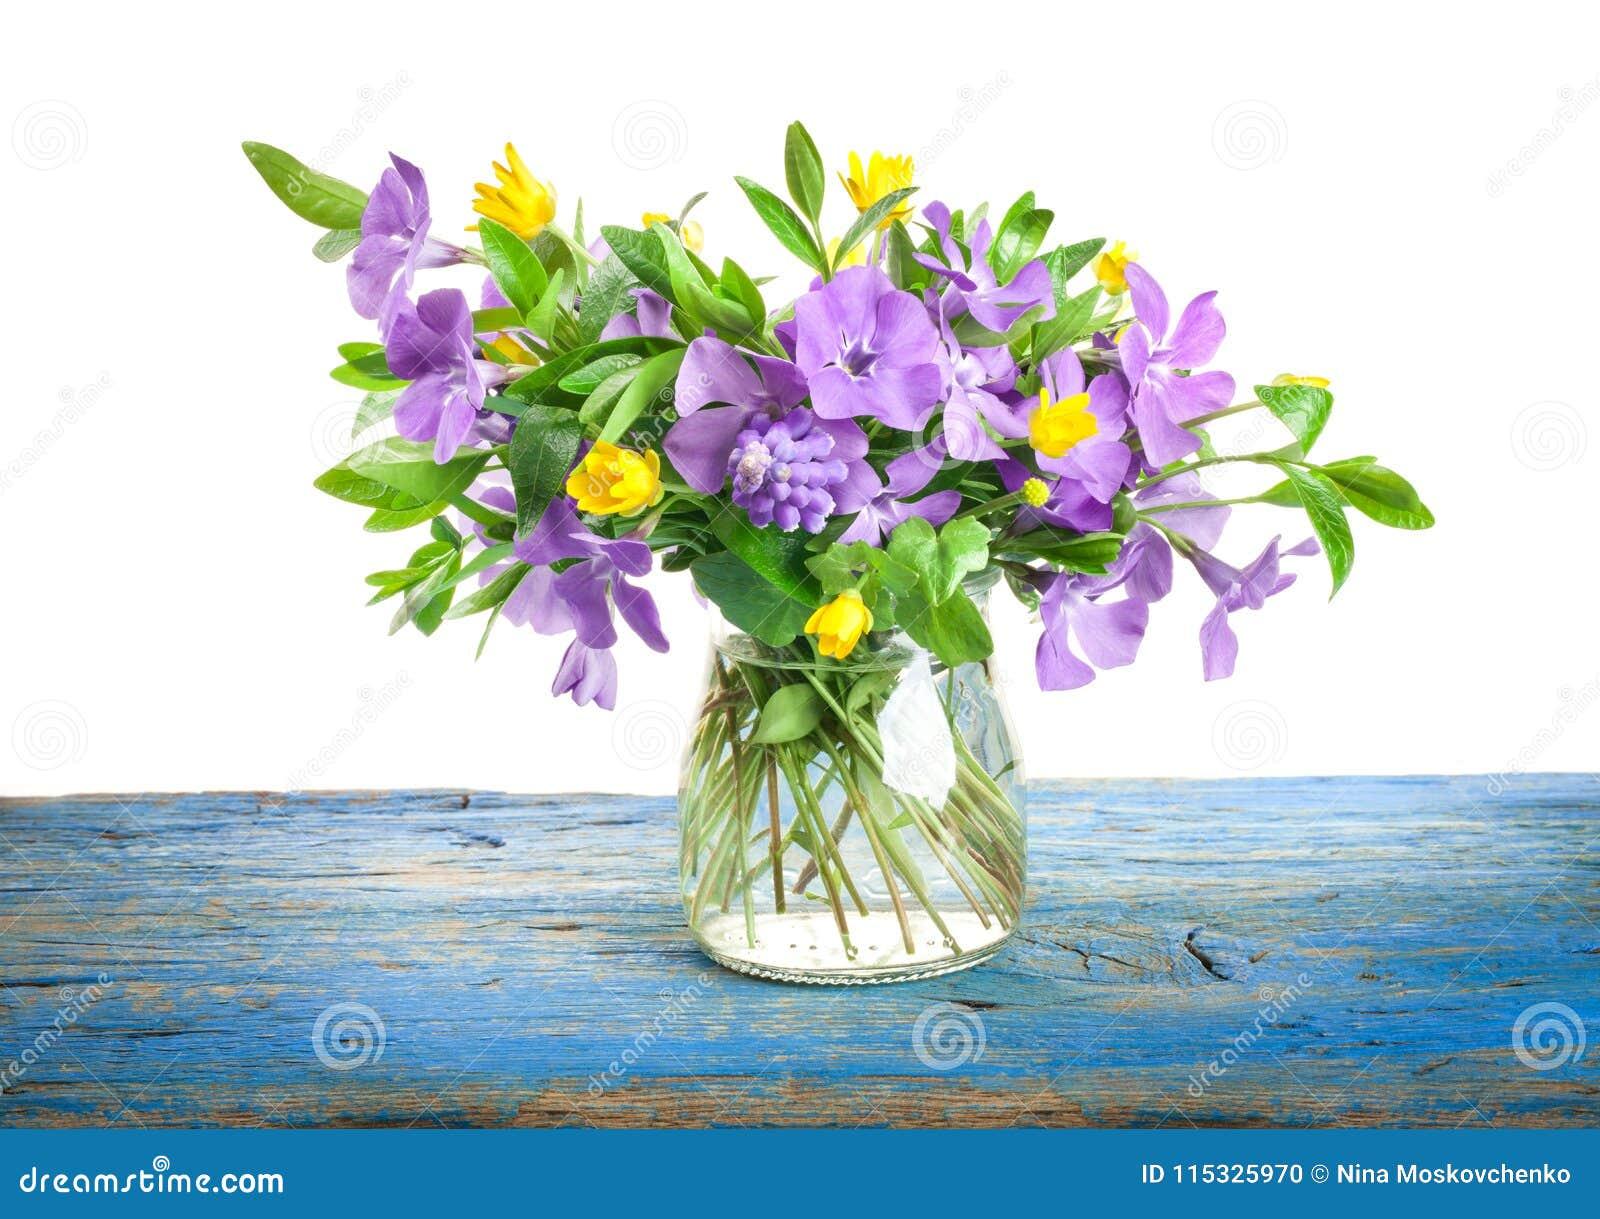 Spring flowers Periwinkle in glass vase